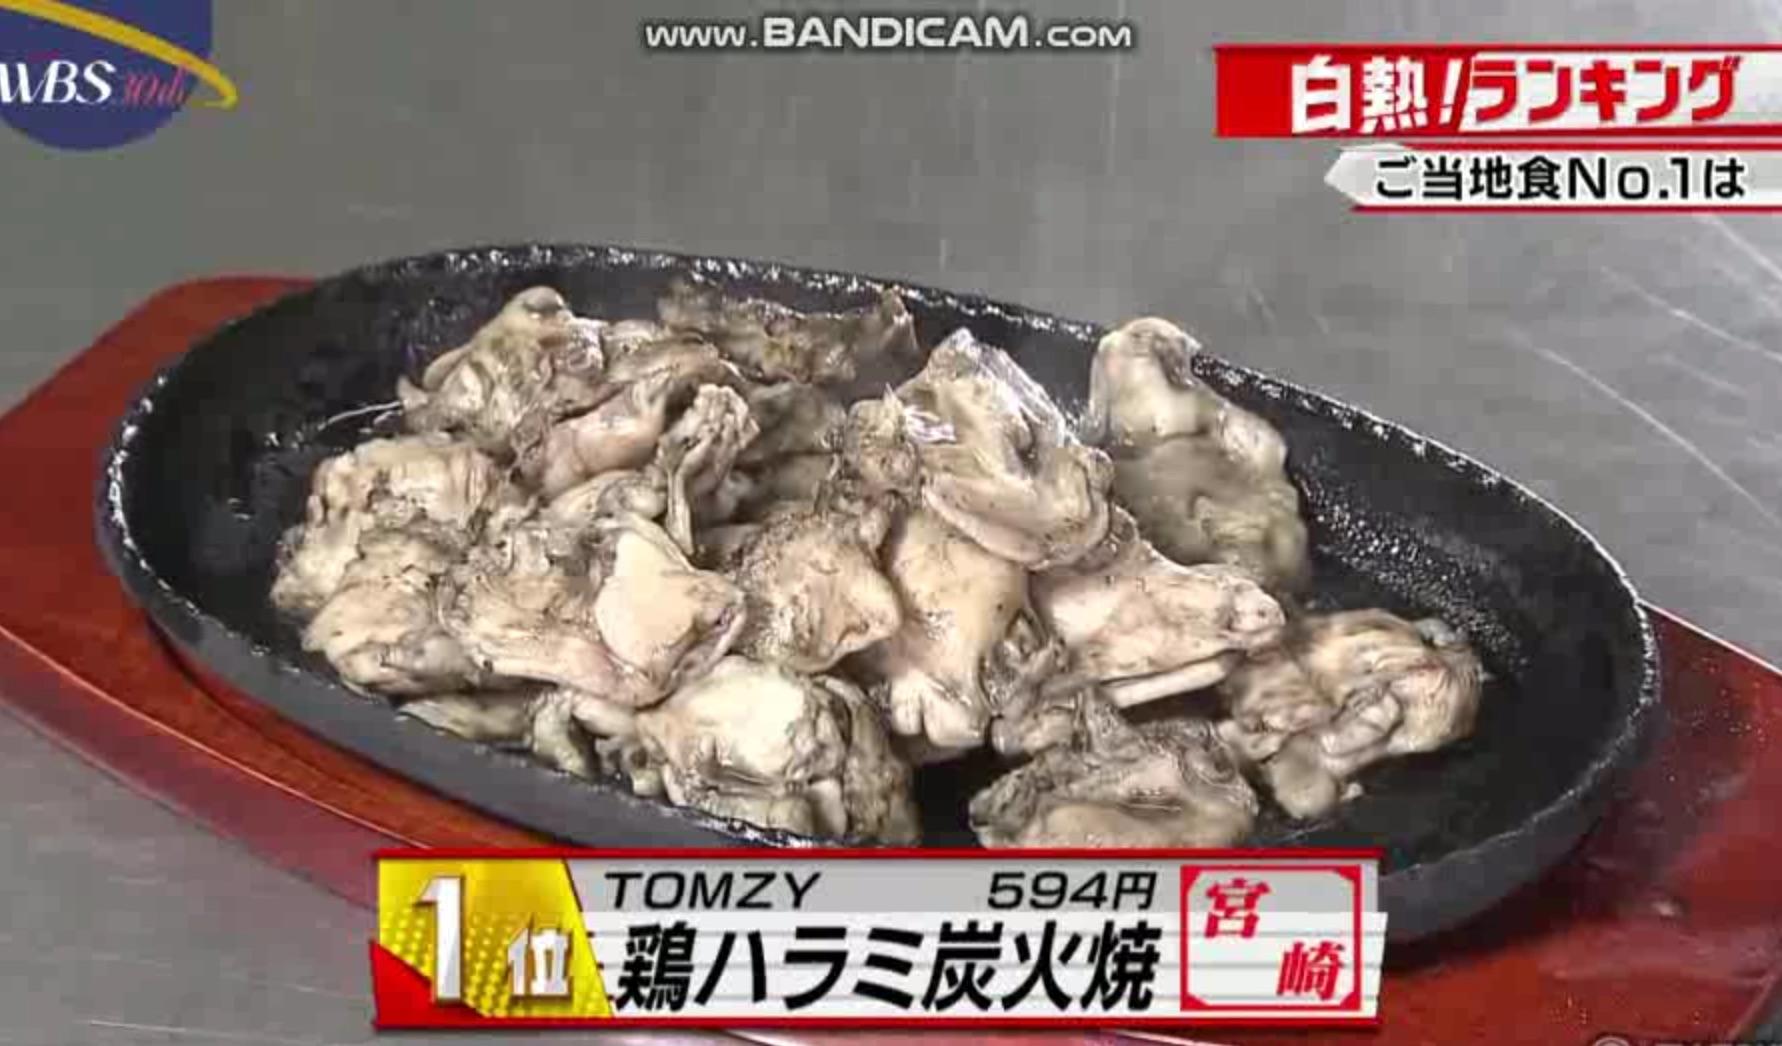 テレビ東京「ワールドビジネスサテライト」TOMZY 鶏ハラミ炭火焼 1位